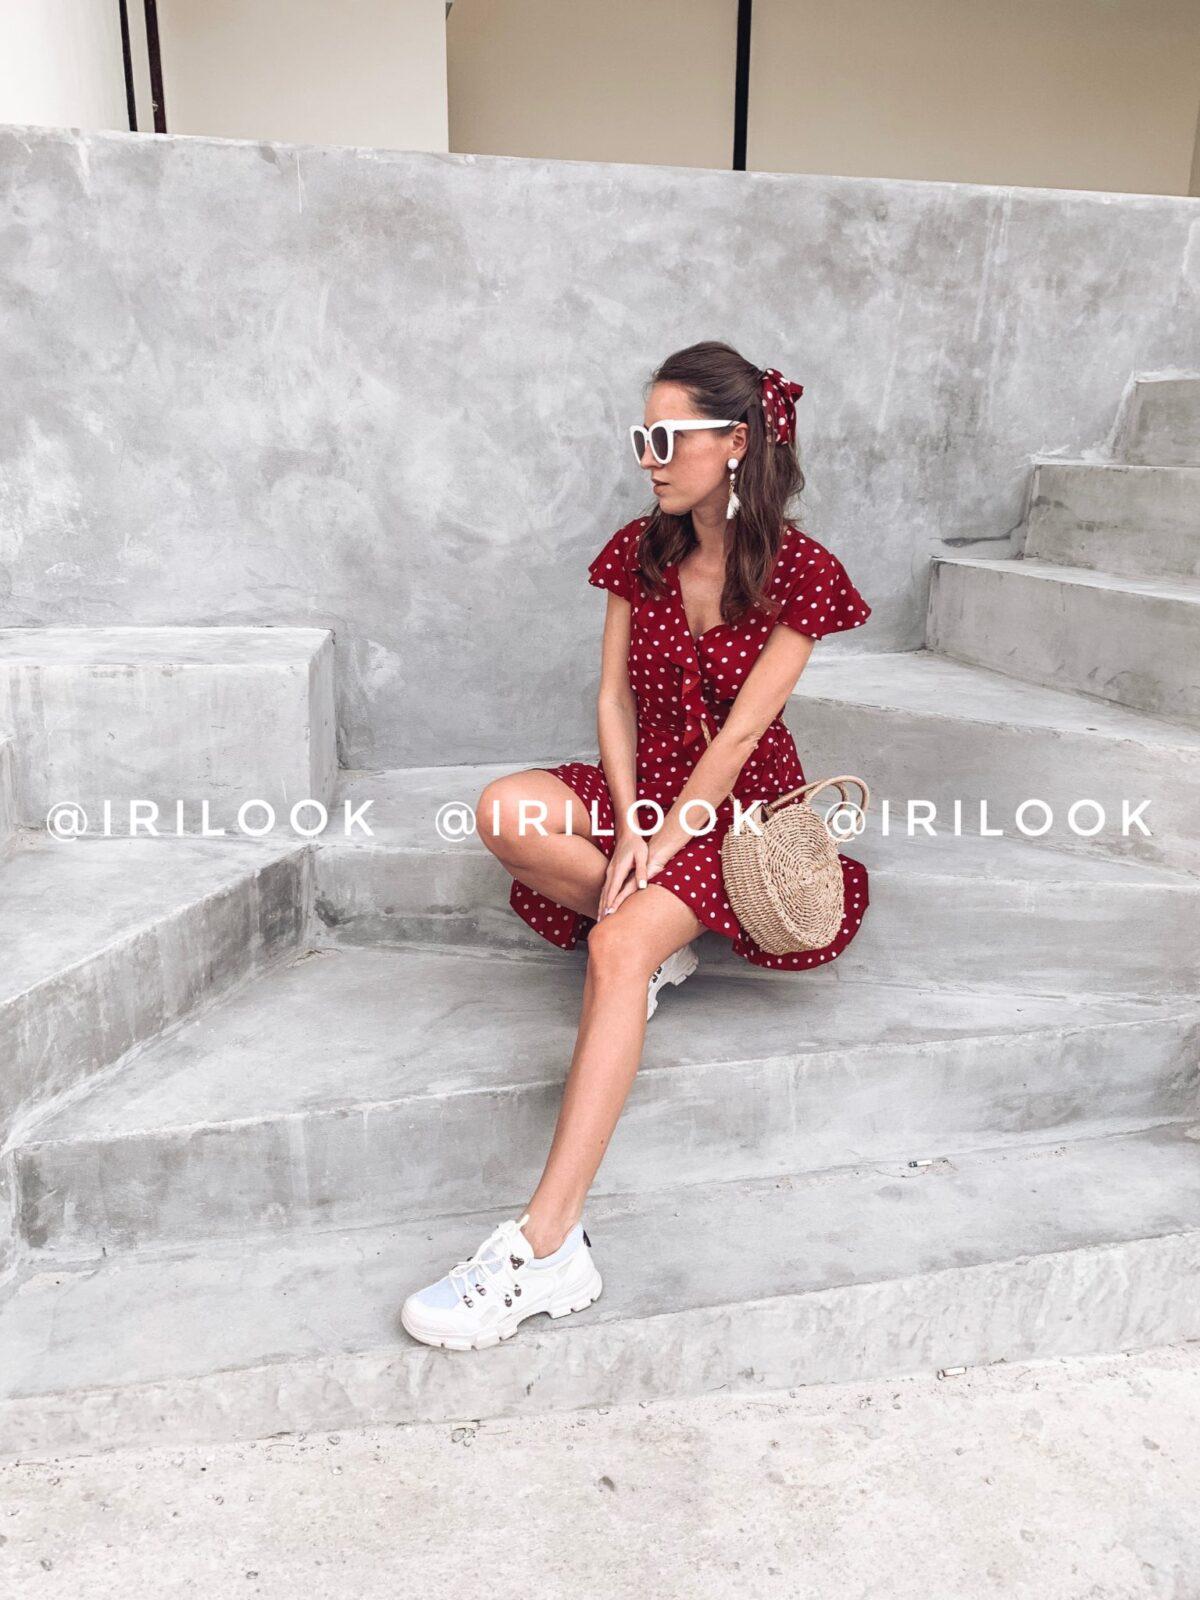 b6acecc3d90 Алиэкспресс-отзывы-купить-платье-на-Aliexpress- irilook